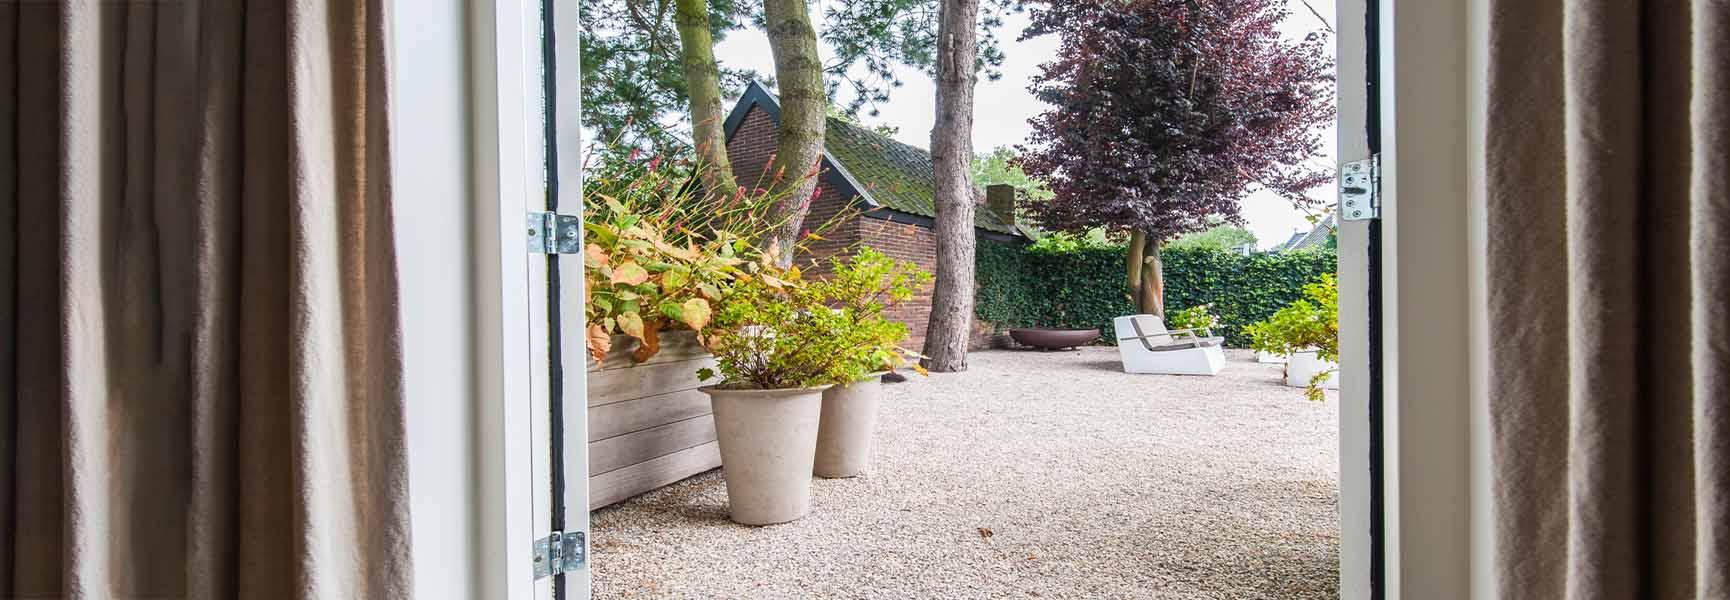 Contact | Airbnb Host Service | House Sit | Het Gooi en omstreken